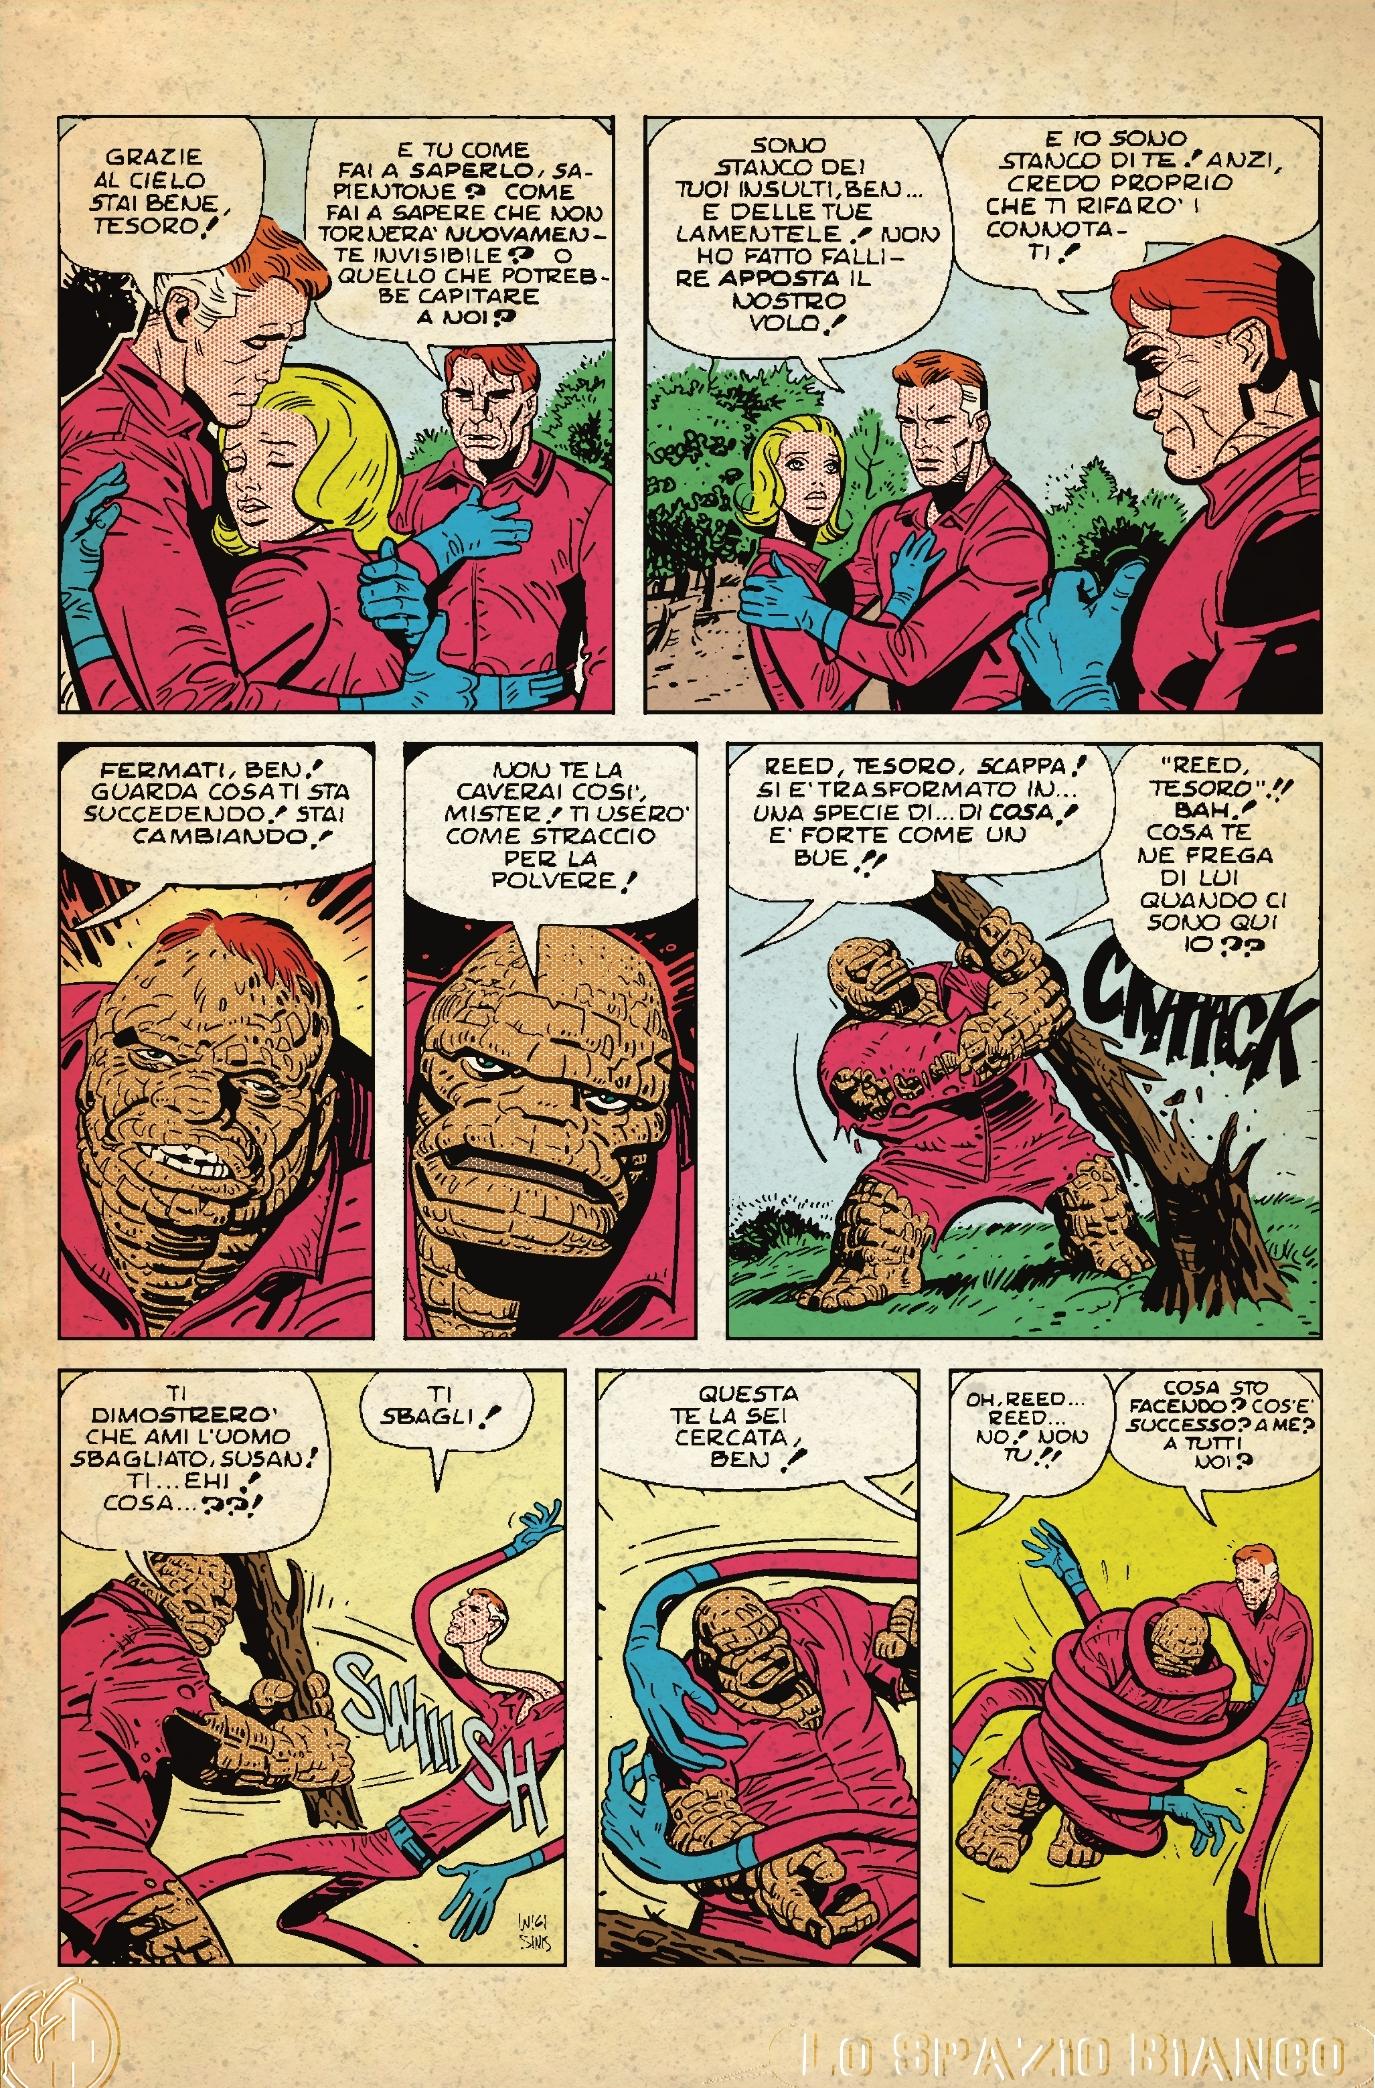 pagina-12-sovraimpressione_Omaggi